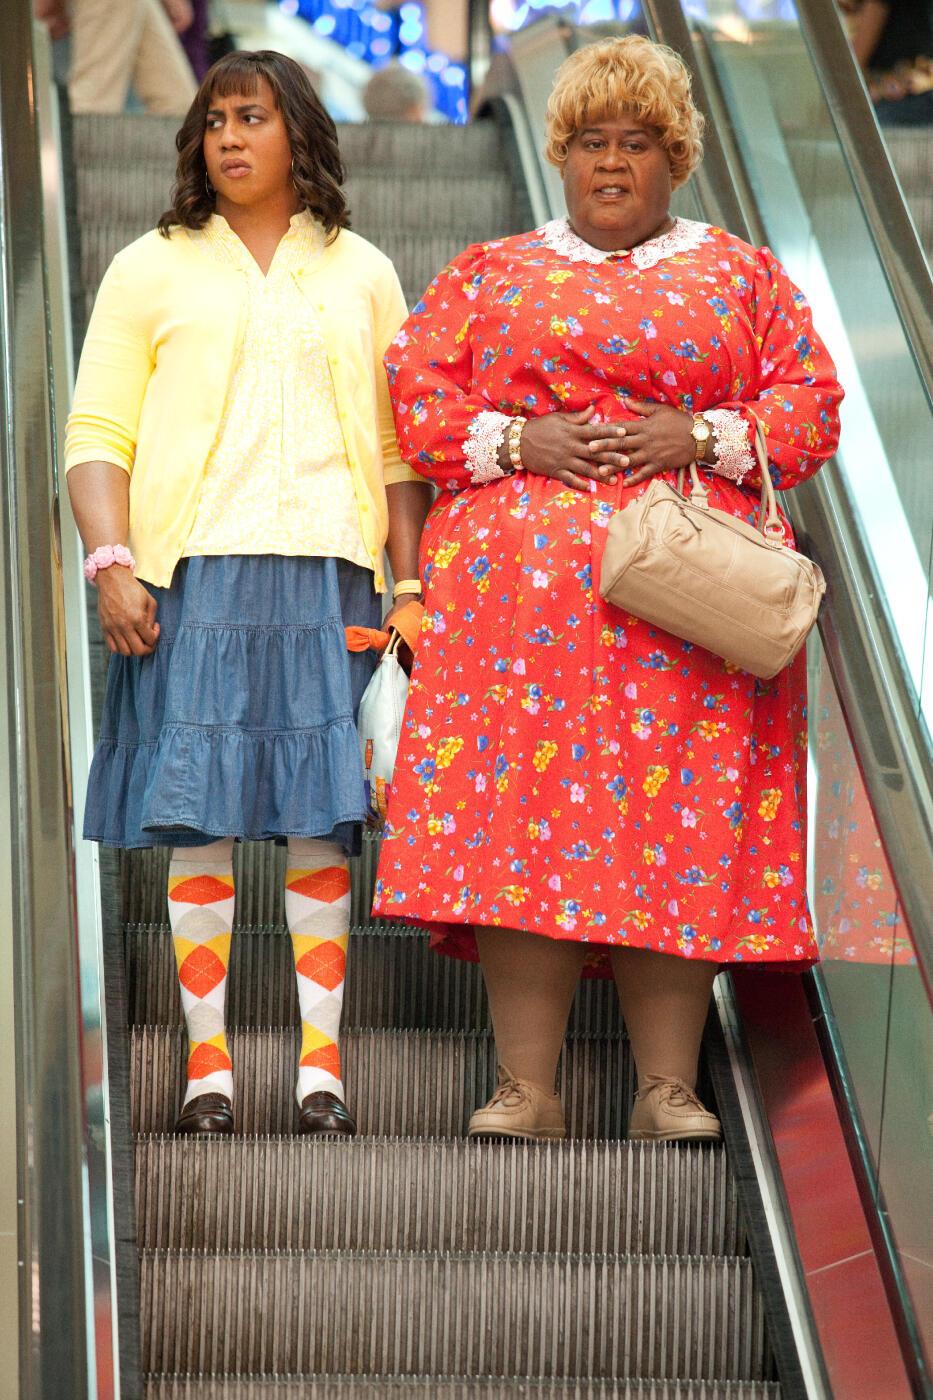 Big mamas haus die doppelte portion bild 11 von 11 moviepilot de